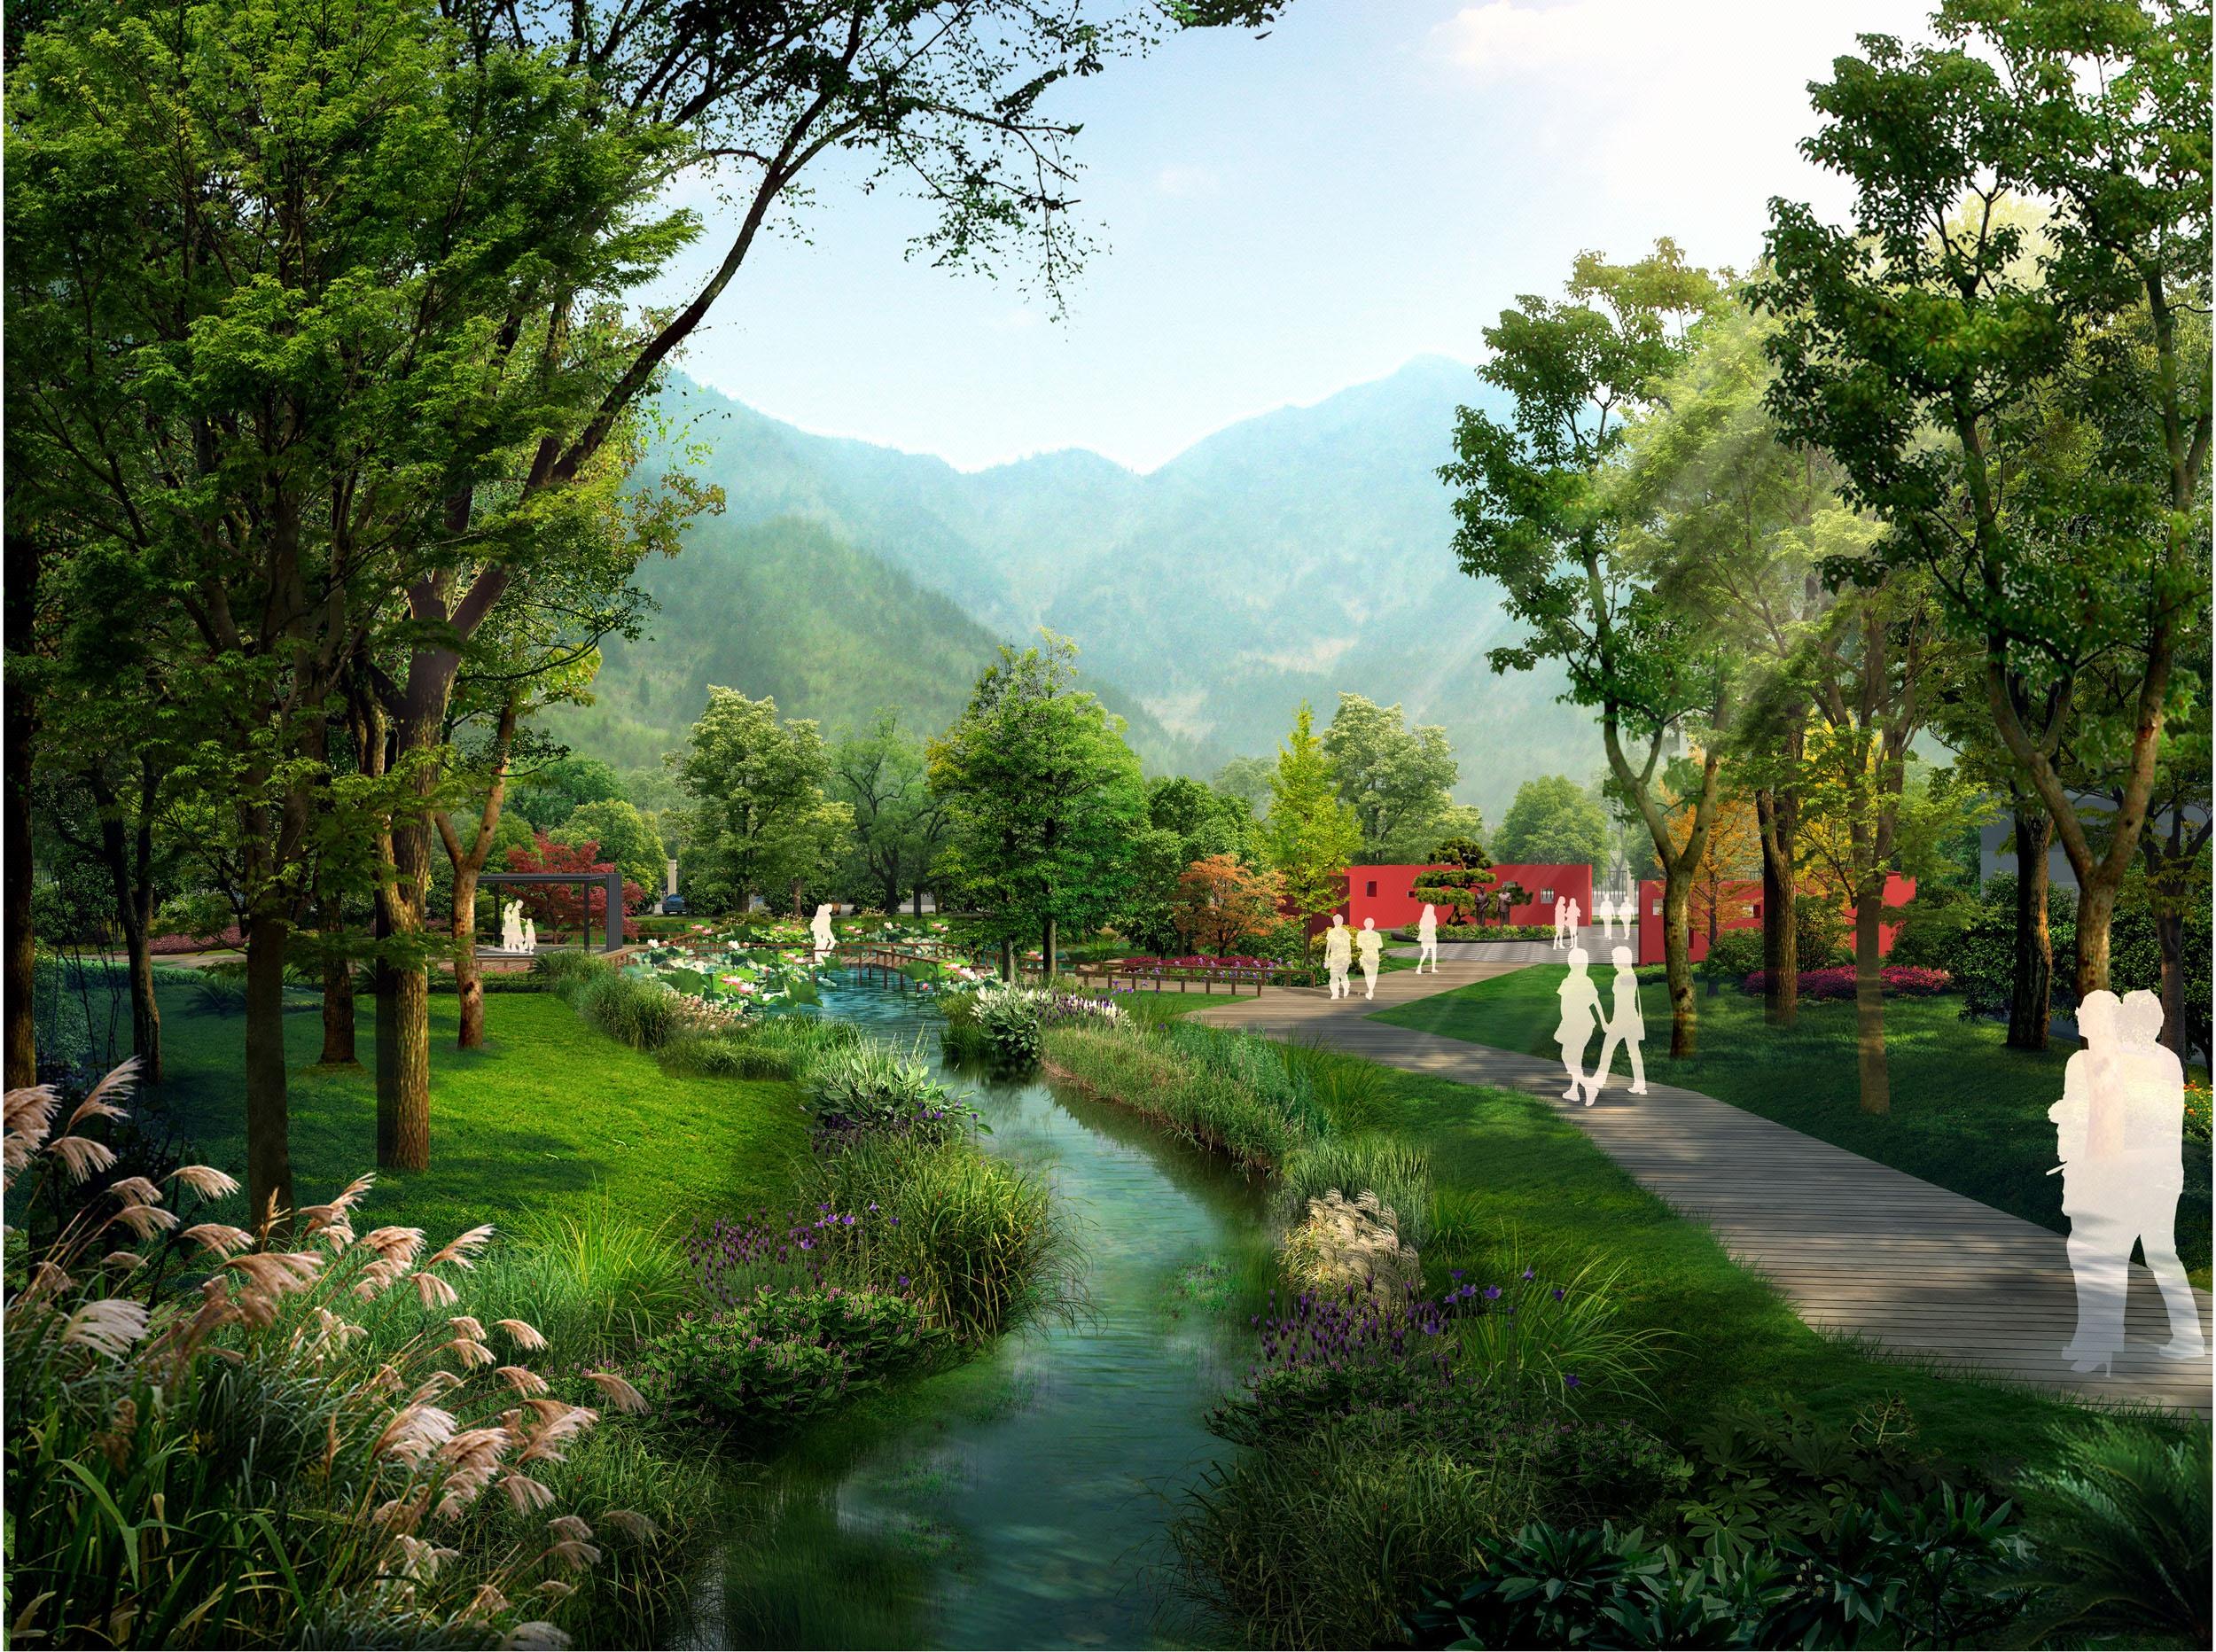 景观效果图,旅游景区规划,规划设计,园林景观,农业园乡村规划